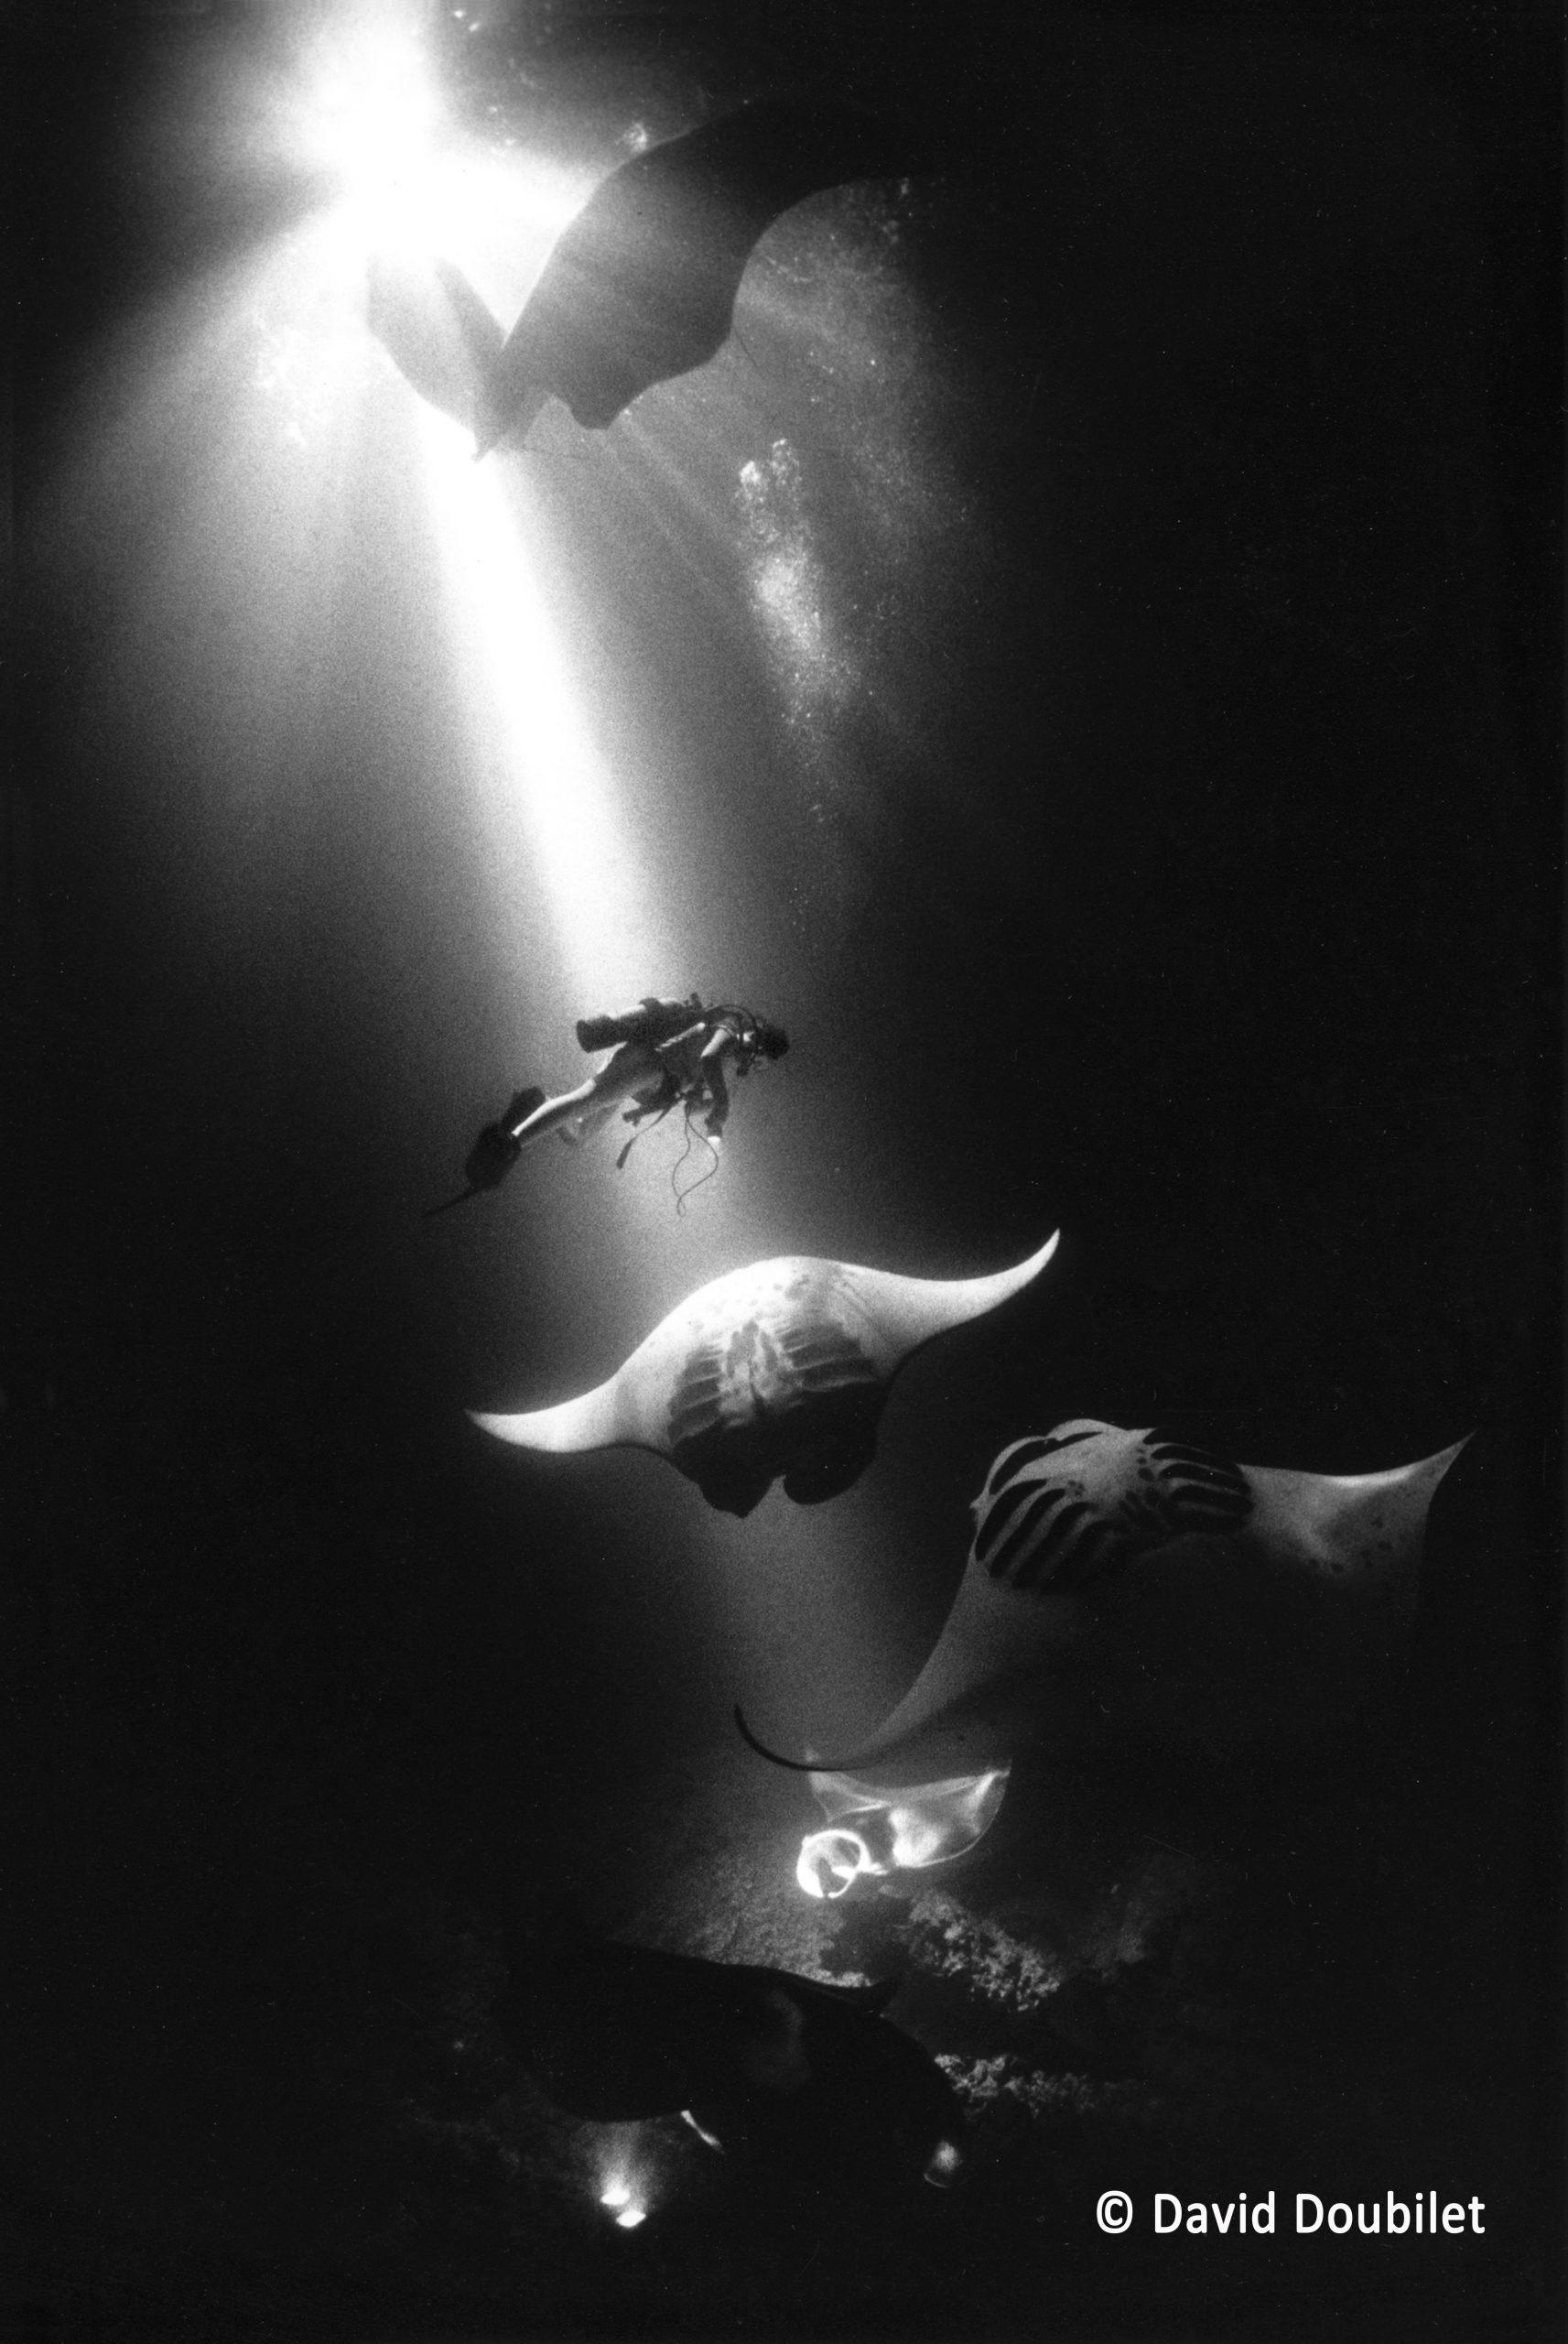 Ballet de raies Manta. Les raies Manta se nourrissent la nuit le long de Kona, à Hawaï. De puissantes lampes HMI créent des rayons de lumière qui attirent des hordes de plancton, attirant à leur tour les raies Manta. Ces gracieuses créatures s'élèvent et tournoient dans le faisceau créé par les lampes, comme dans un ballet, tandis qu'elles se nourrissent de cette galaxie de vie microscopique.